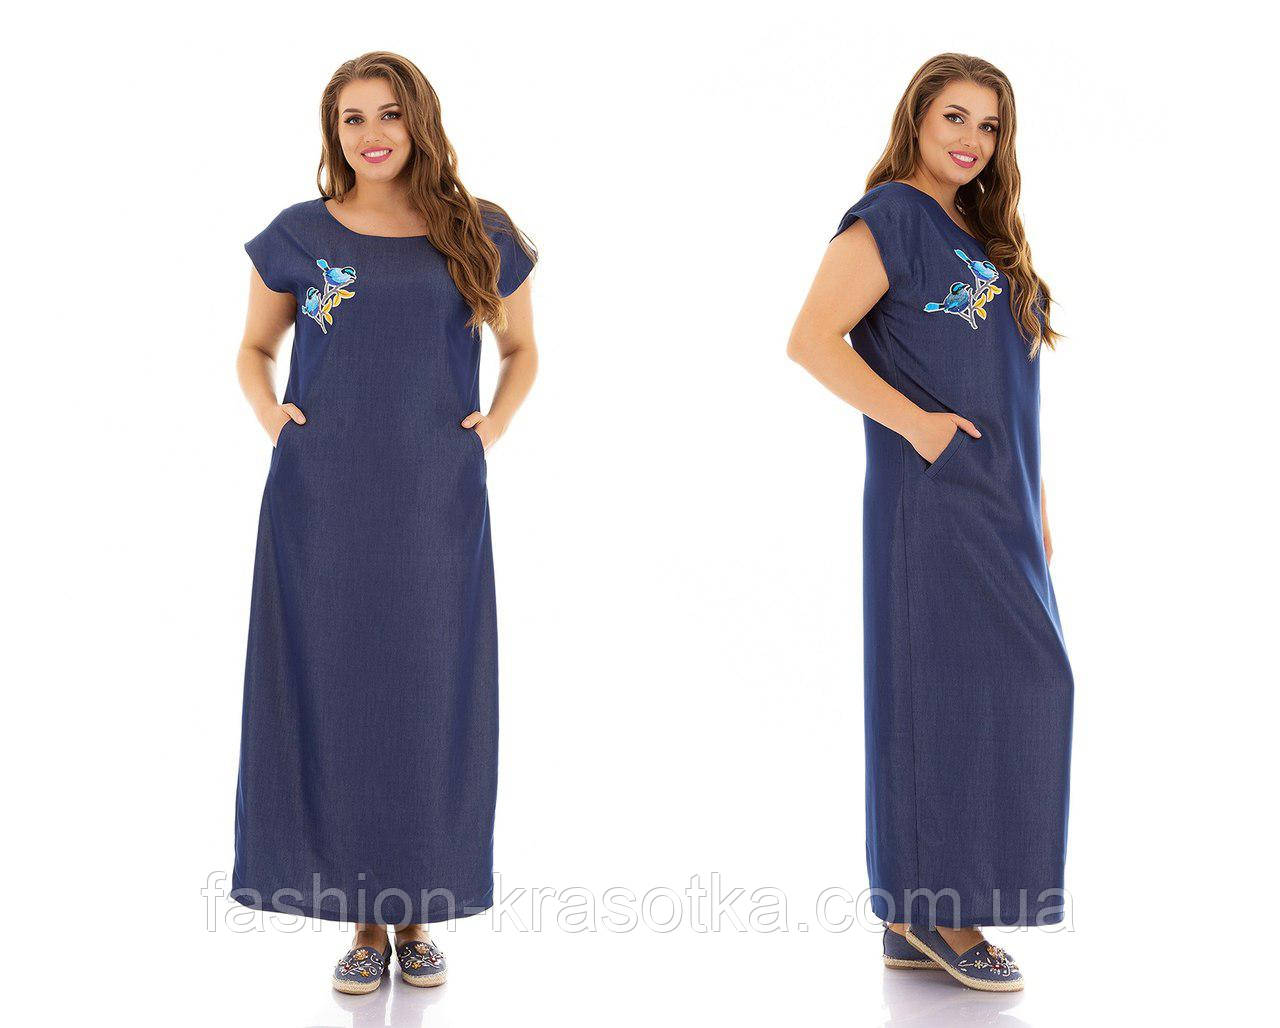 Платье свободного силуэта батальных размеров